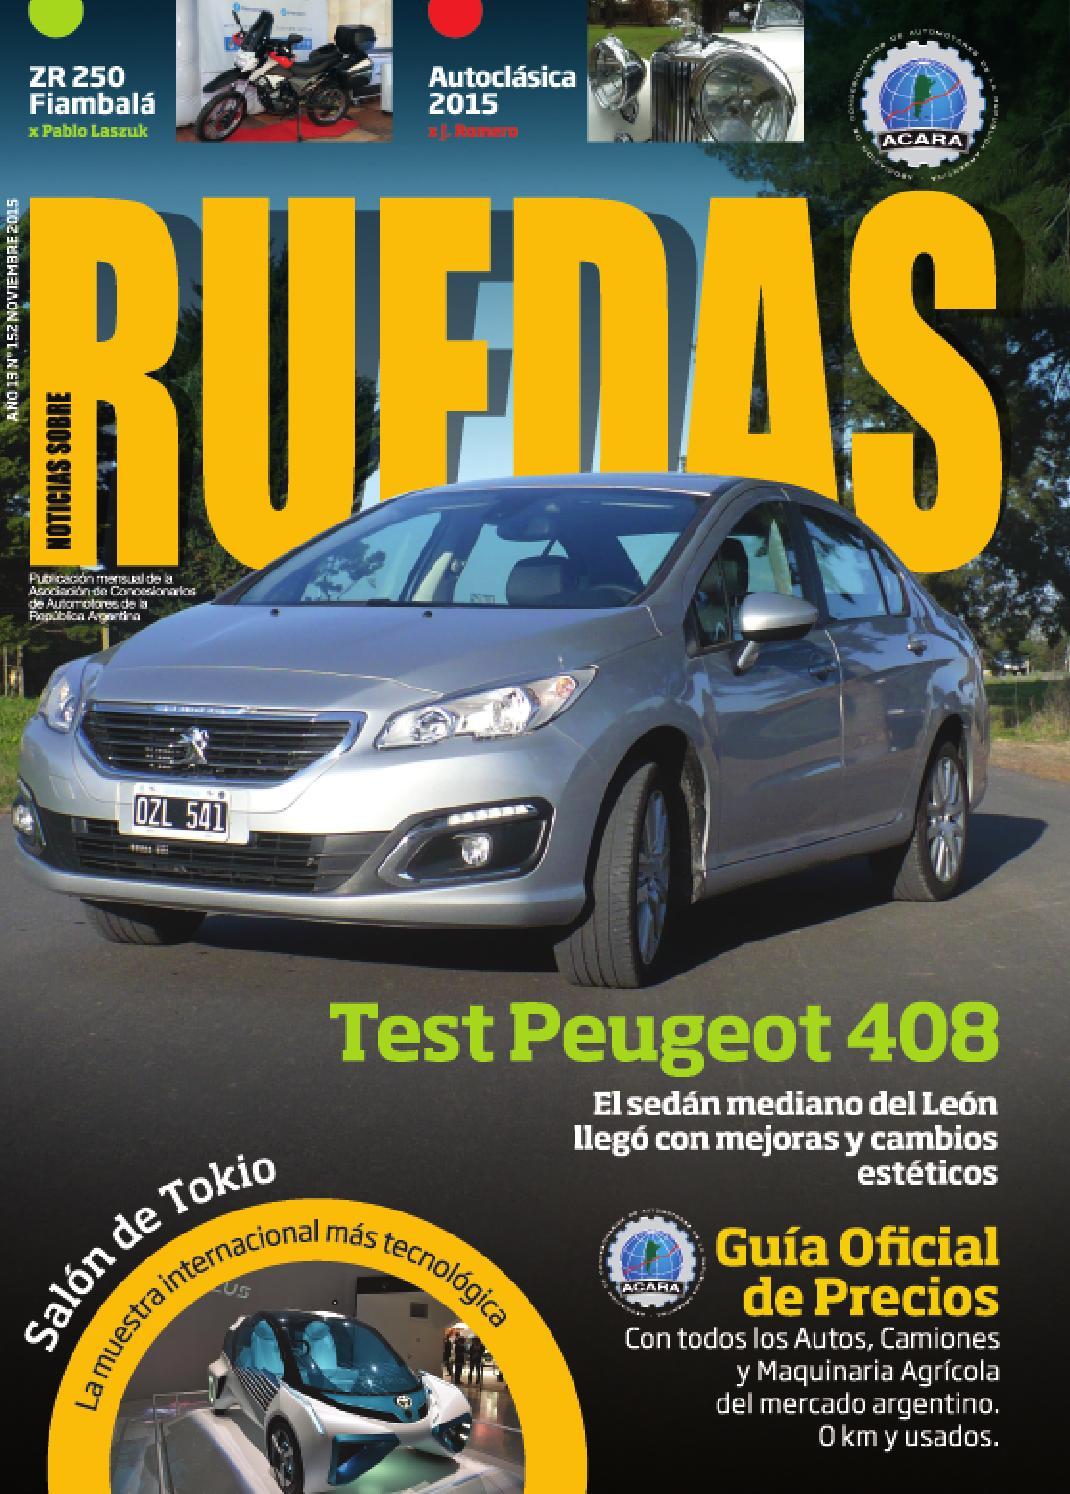 Noticias Sobre Ruedas Nº 152 by Noticias Sobre Ruedas - issuu